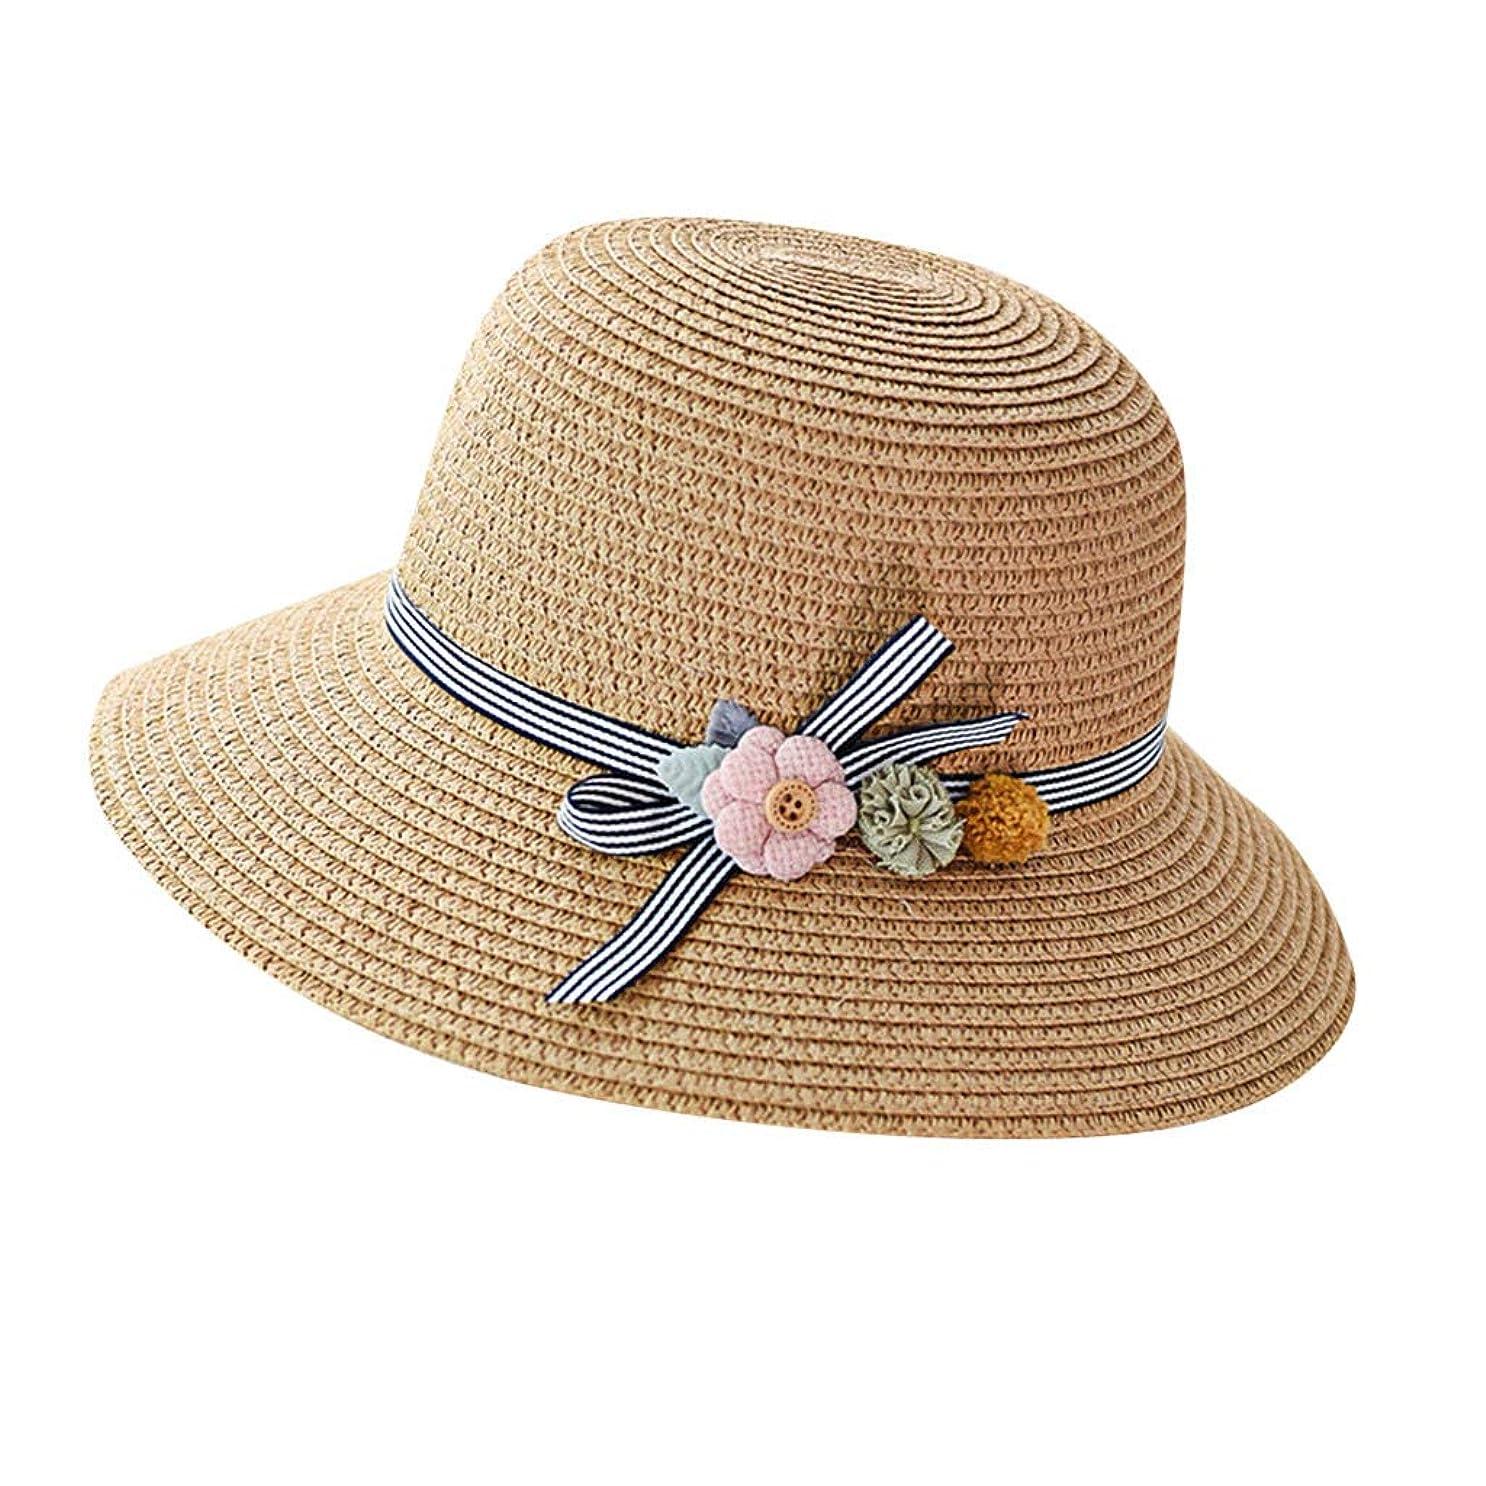 言う書士にぎやか漁師帽 夏 帽子 レディース UVカット 帽子 ハット レディース 紫外線対策 日焼け防止 つば広 日焼け 旅行用 日よけ 夏季 折りたたみ 森ガール ビーチ 海辺 帽子 ハット レディース 花 ROSE ROMAN